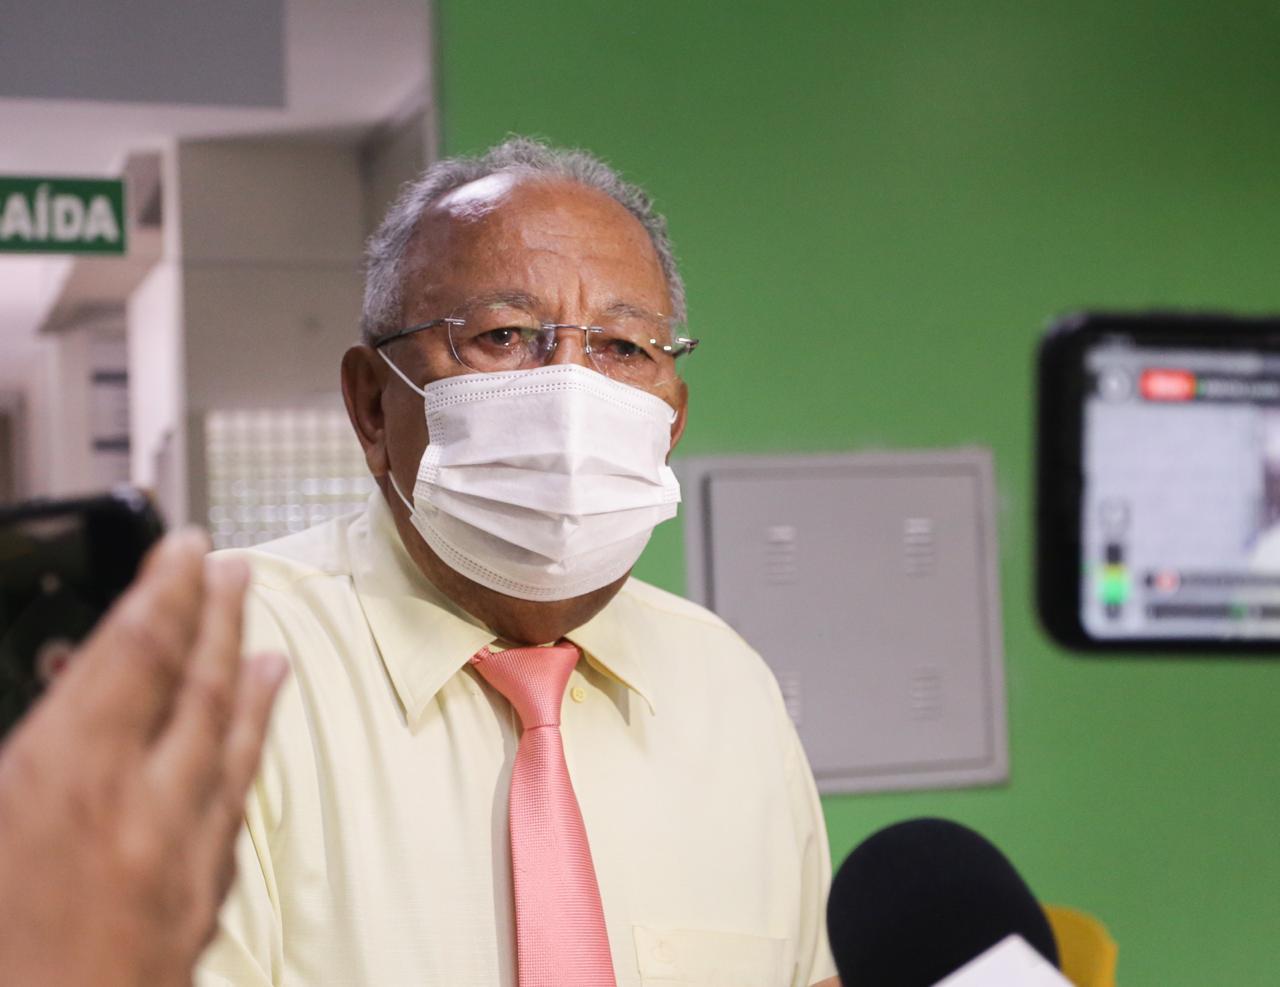 Doutor Pessoa é vítima de golpe no WhatsApp (Foto: CCOM)